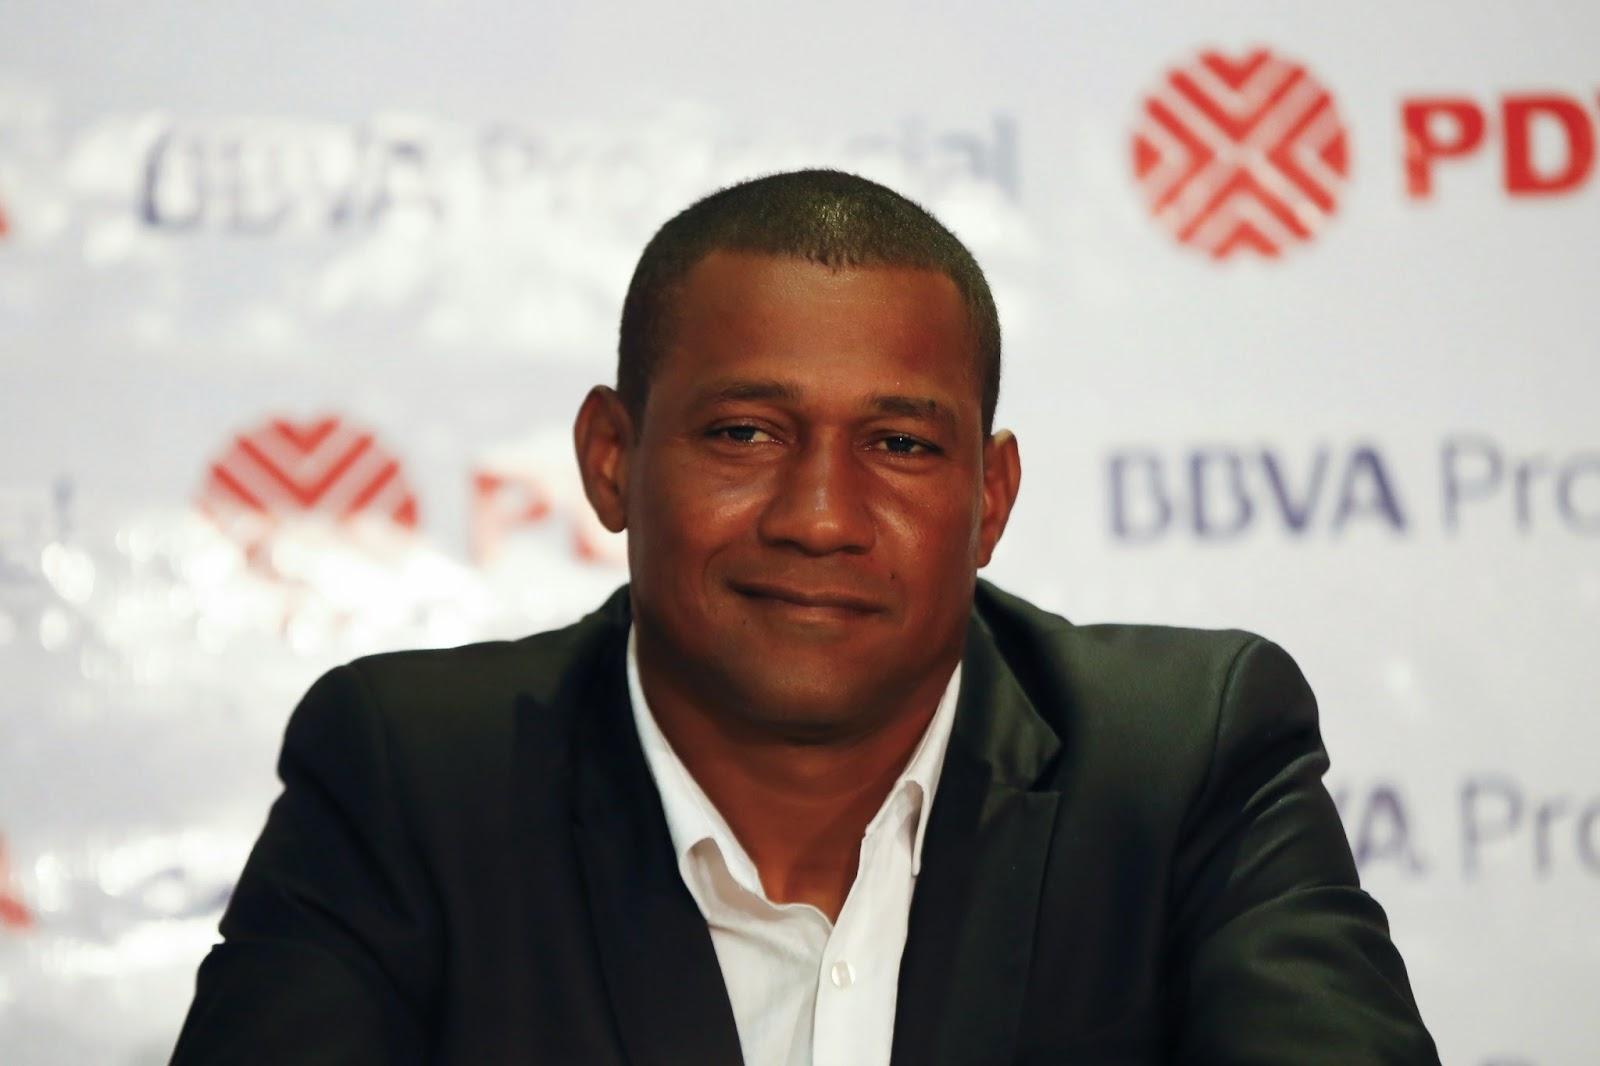 Герра — первый венесуэлец-обладатель Кубка Либертадорес